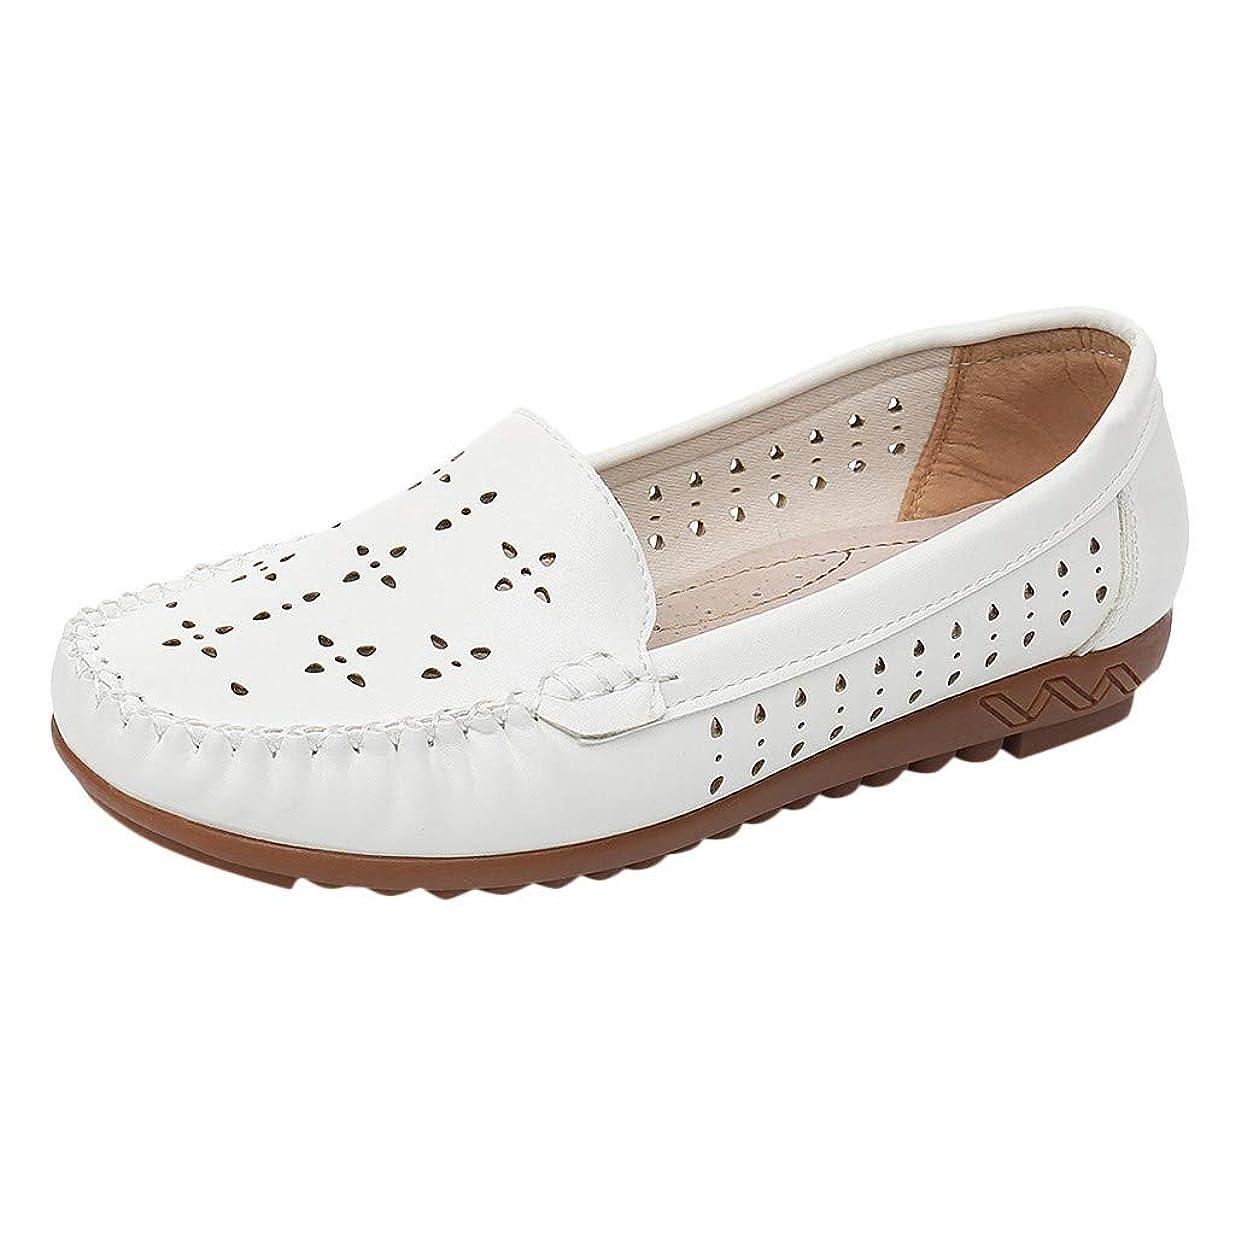 バドミントンフットボール鬼ごっこフラットシューズ レディース Hodarey 女性の靴 快適 作業靴 ソフト底 滑り止め エンドウ豆の靴 フラットシューズ 歩きやすい 母の靴 ローファー 婦人靴 レジャー シューズ 人気 安い レディース シューズ 普段着 レザーシューズ